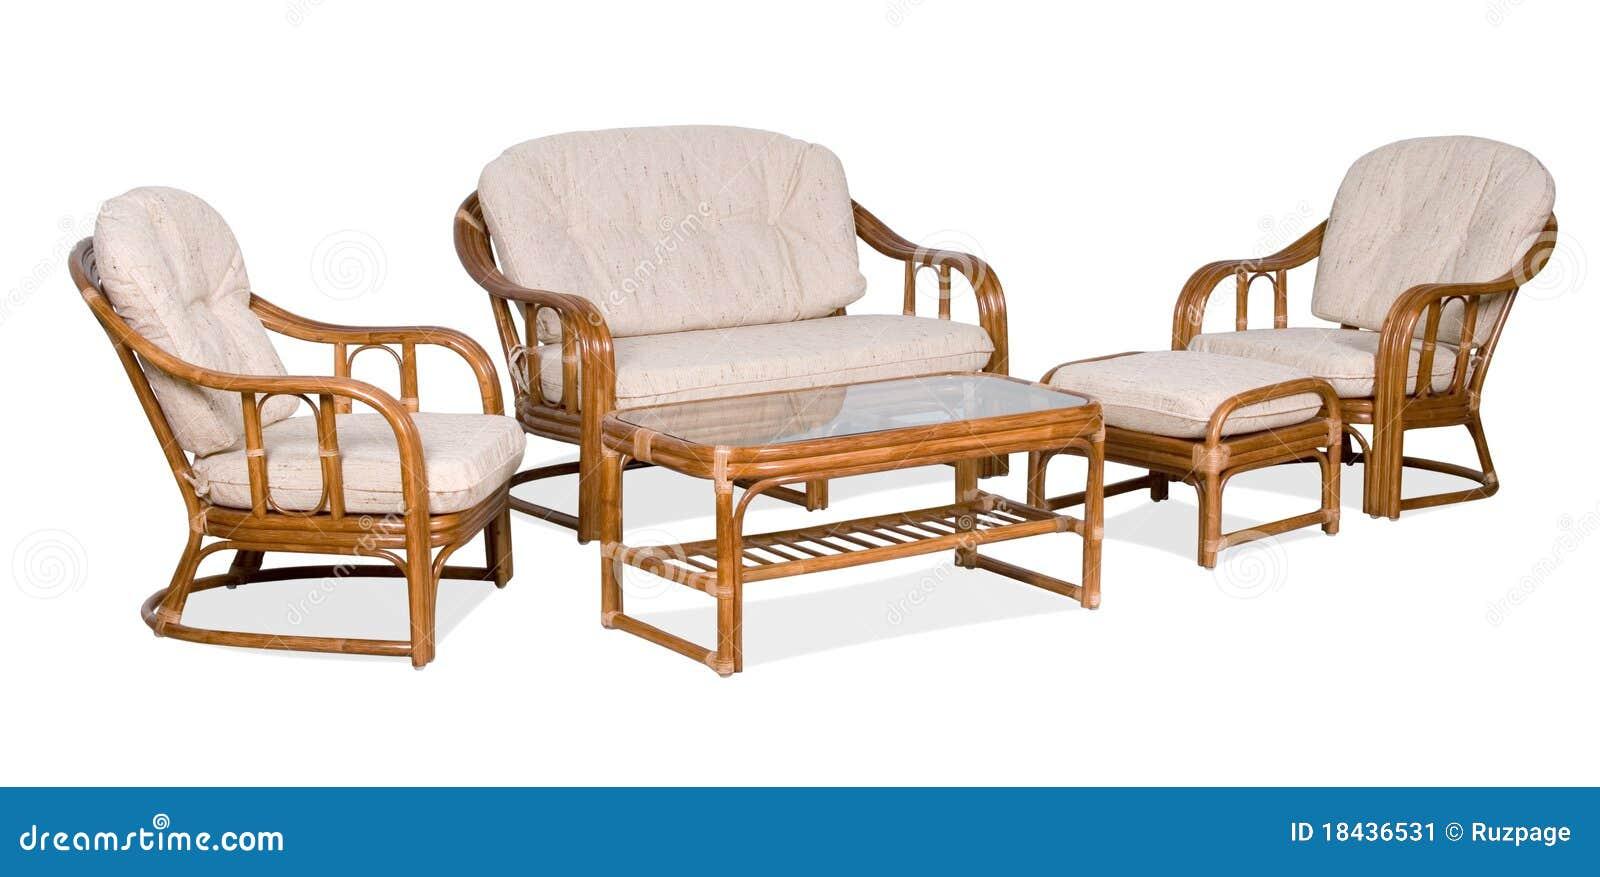 Muebles para una terraza imagen de archivo imagen 18436531 for Muebles de terraza